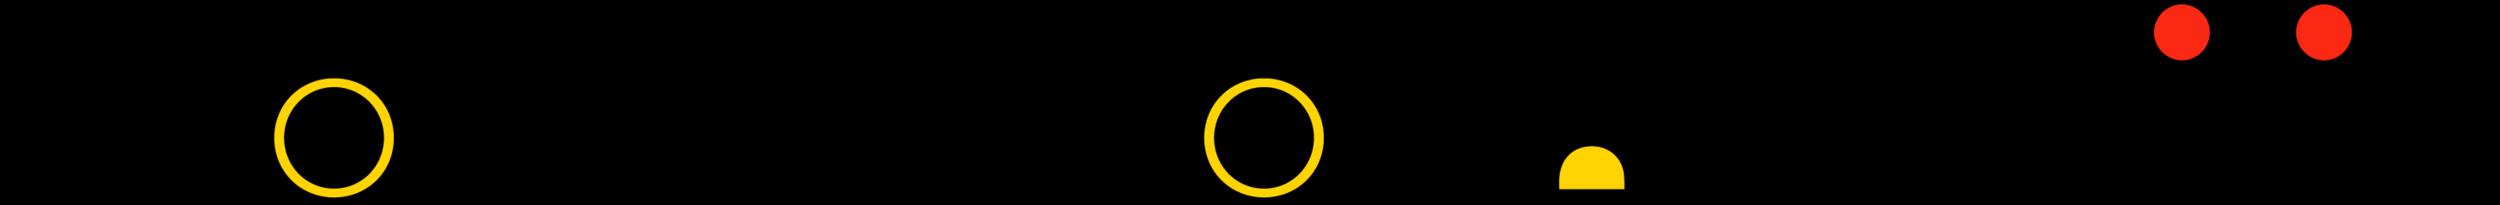 Logo école de créativité 2 référence.png